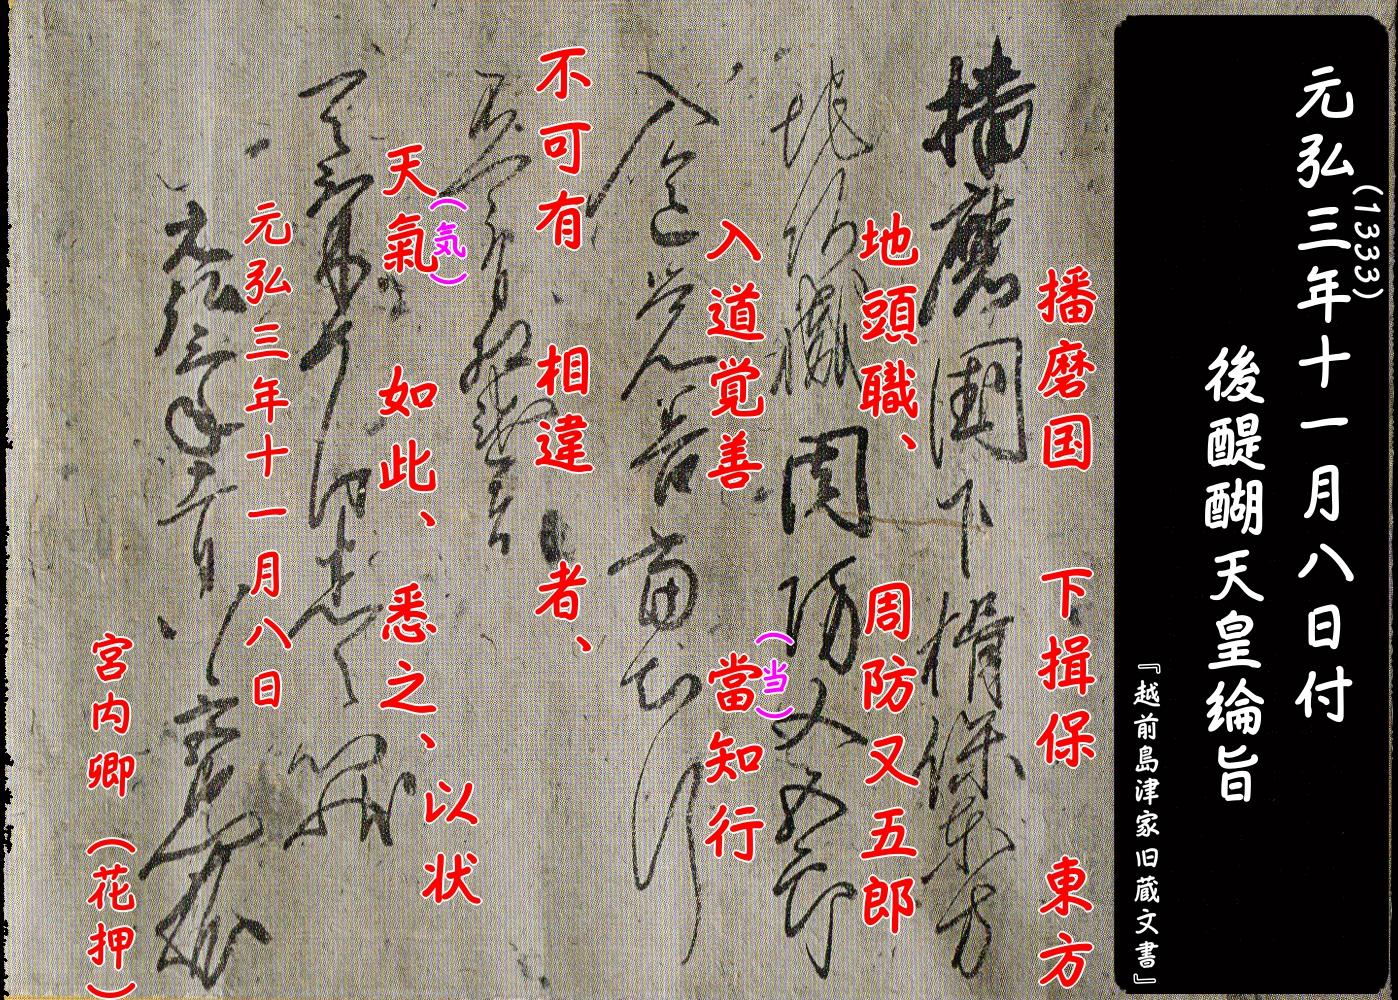 『越前島津家旧蔵文書(後醍醐天皇綸旨)』釈文(元弘3年(1333)11月8日付)